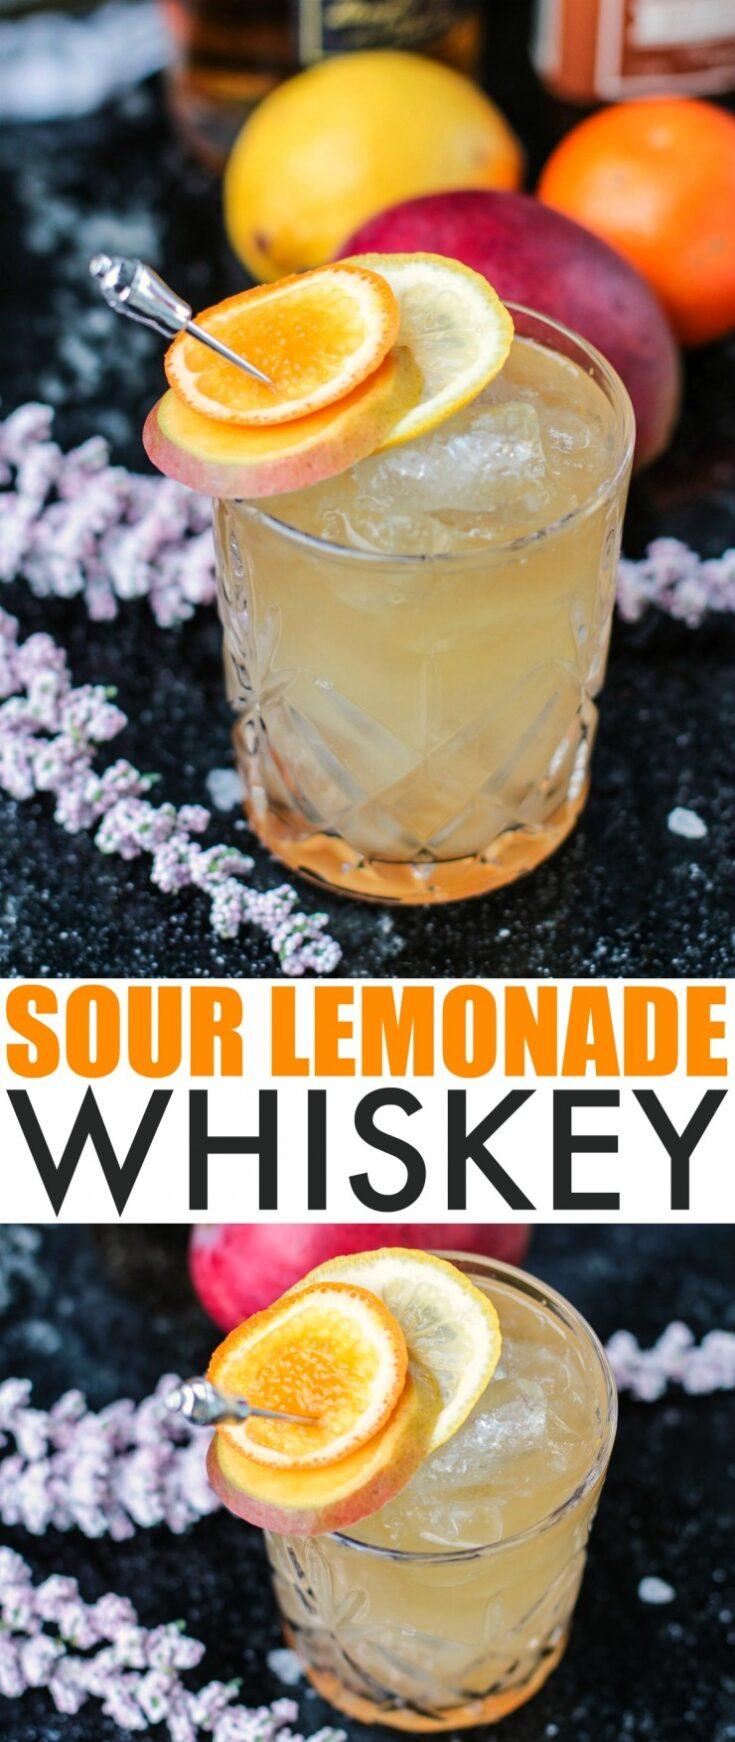 Sour Lemonade Whiskey